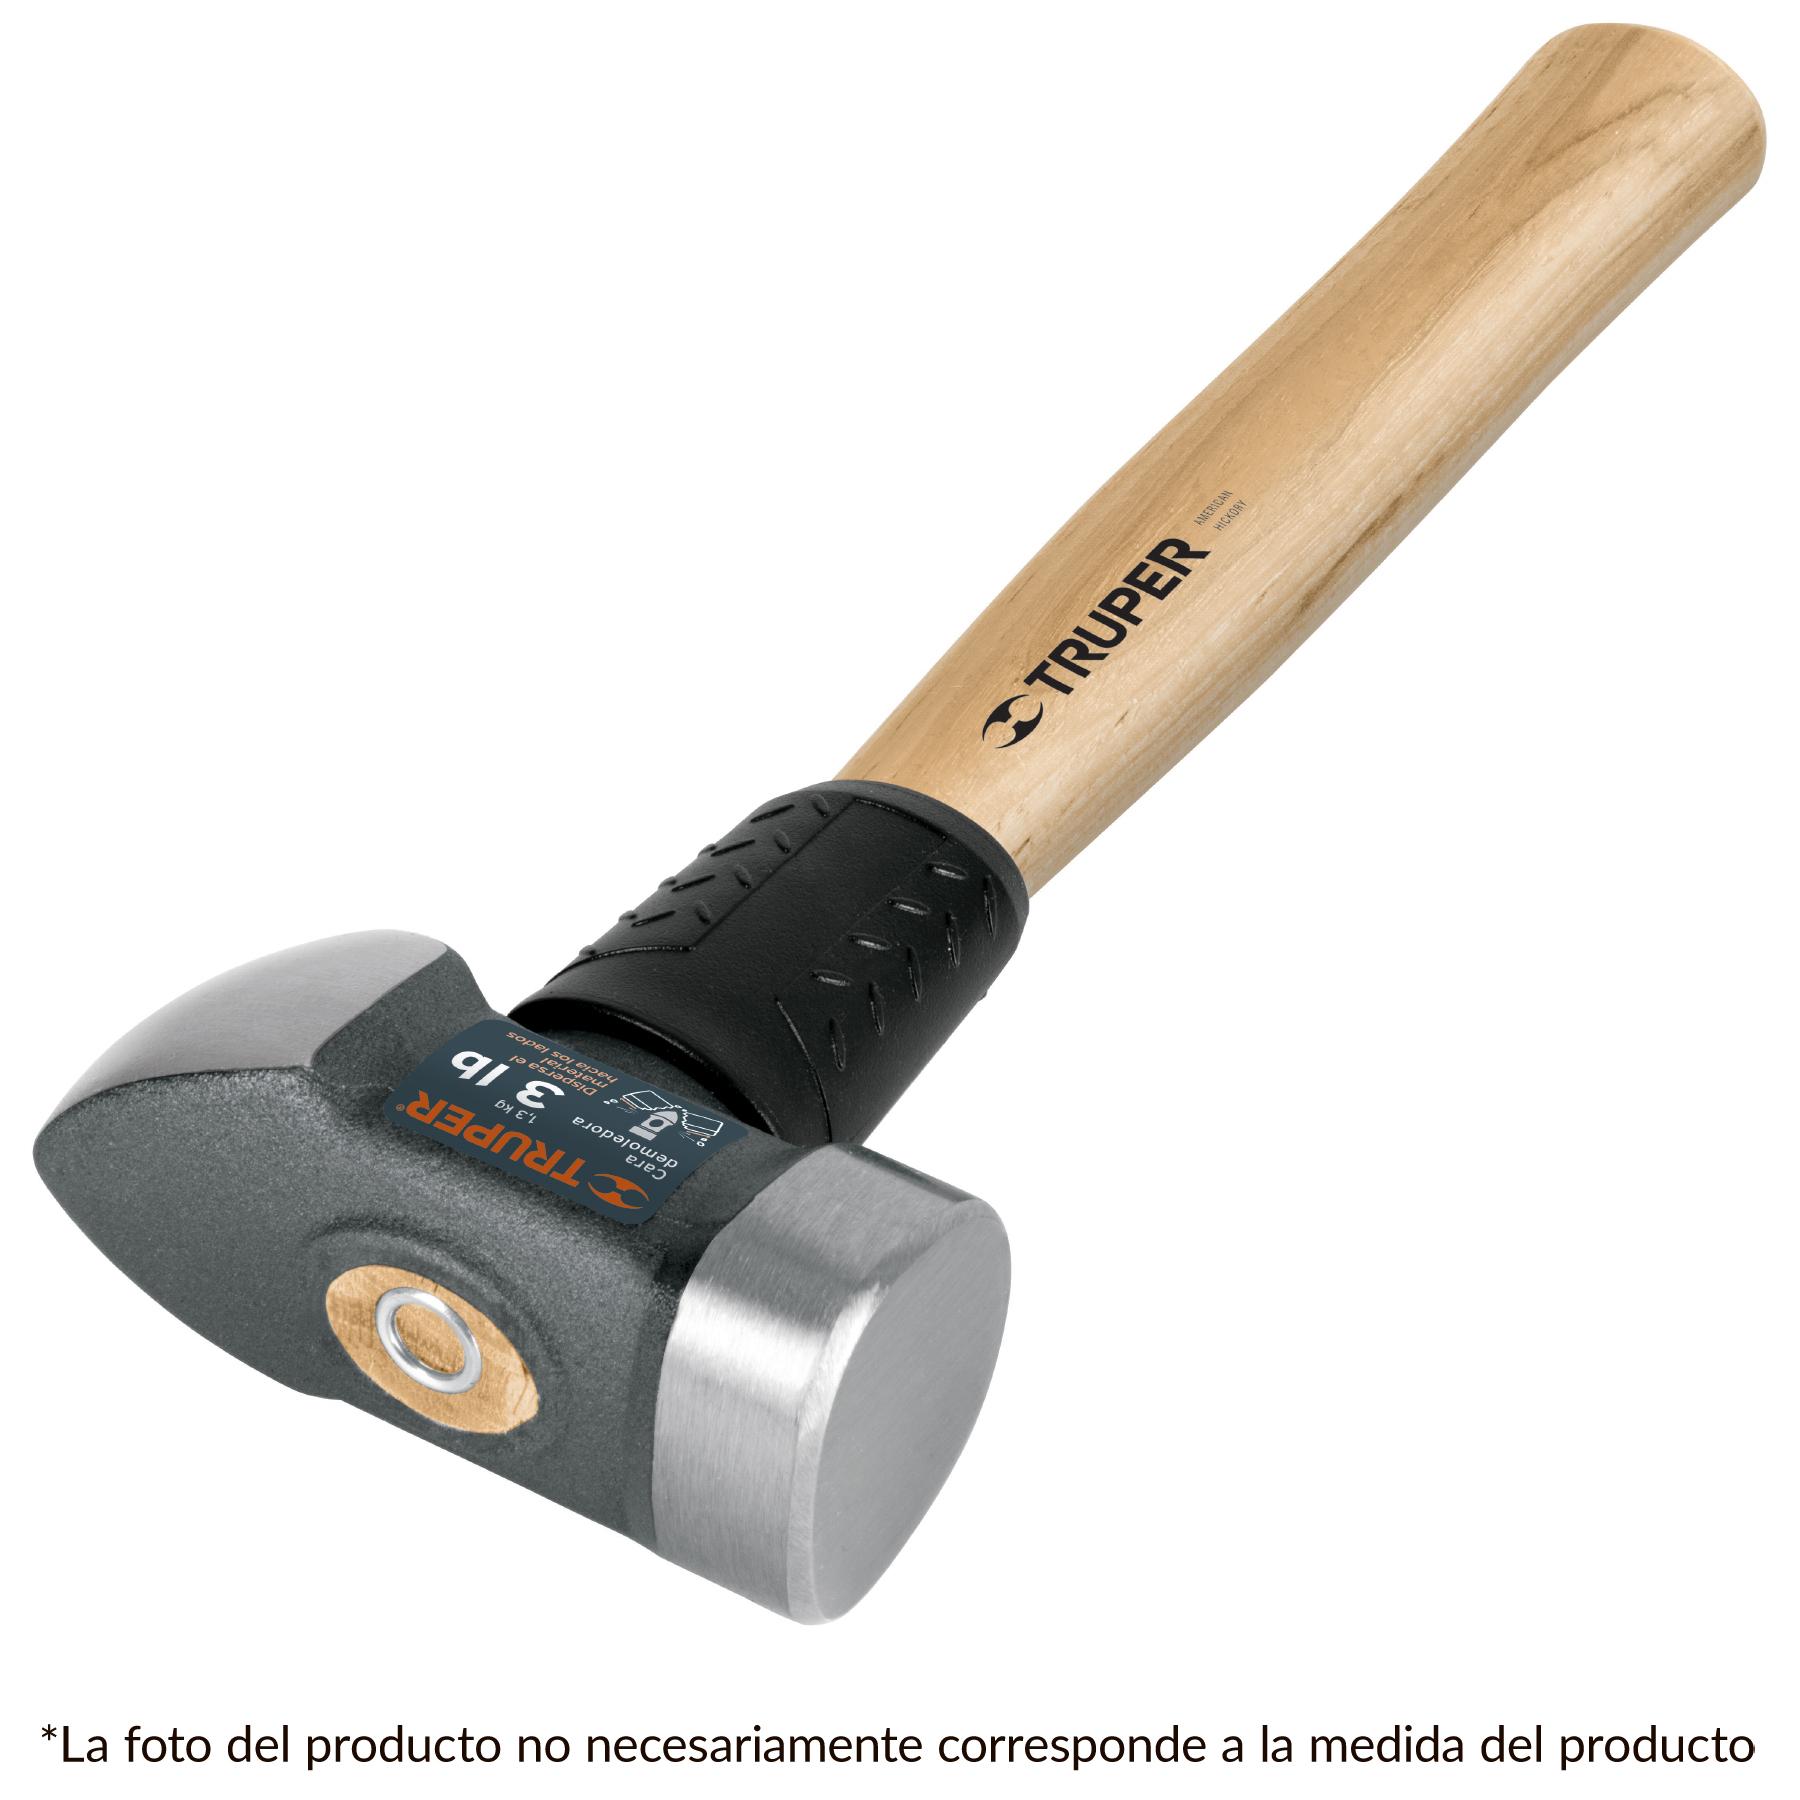 Marro demoledor 4 lb mango de madera